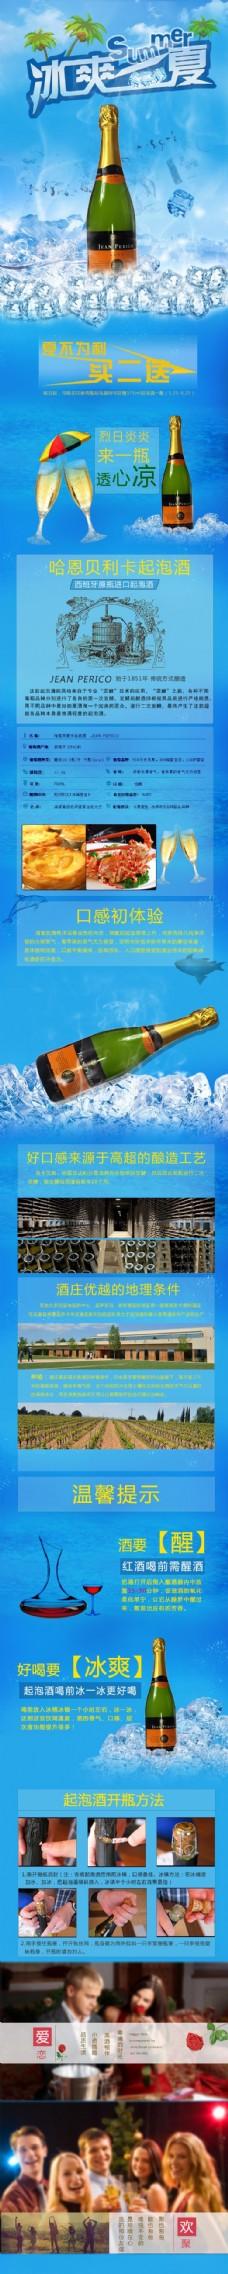 柚子酒详情页免费下载